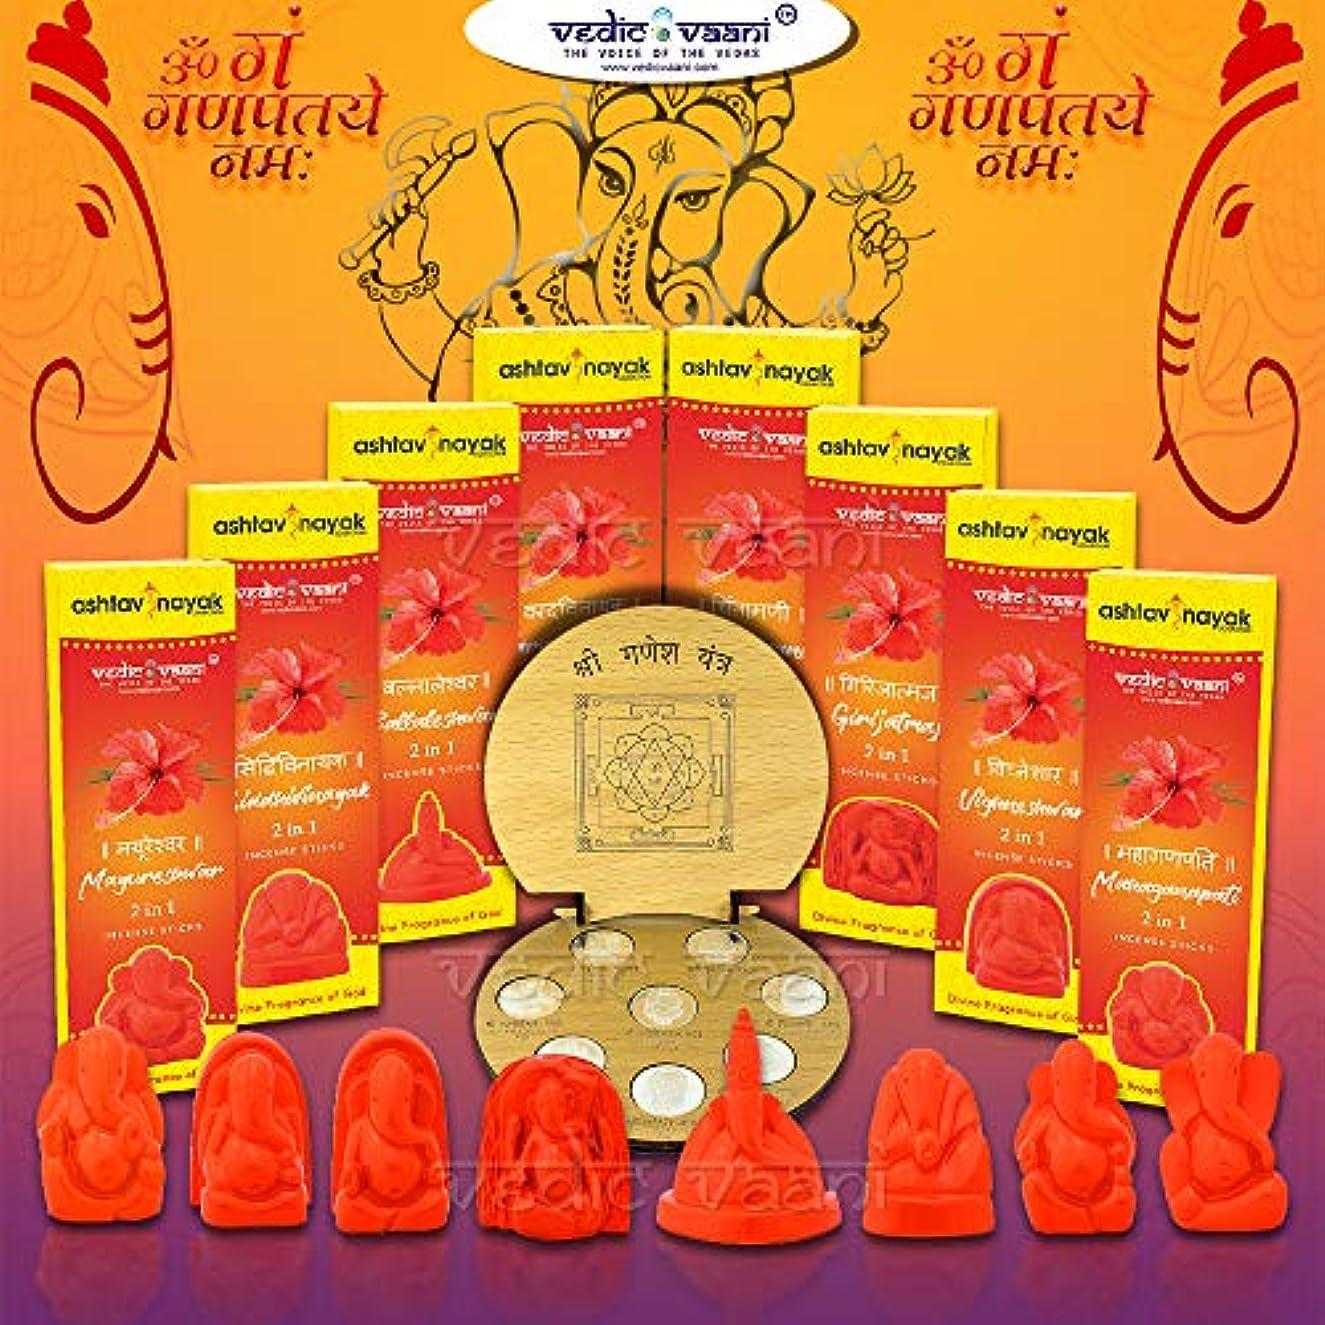 パニックテンポコードレスVedic Vaani Shree Ashtavinayak Darshan Yantra with Ashtavinayak Darshan Set & Ganesh Festival お香セット (各100GM)